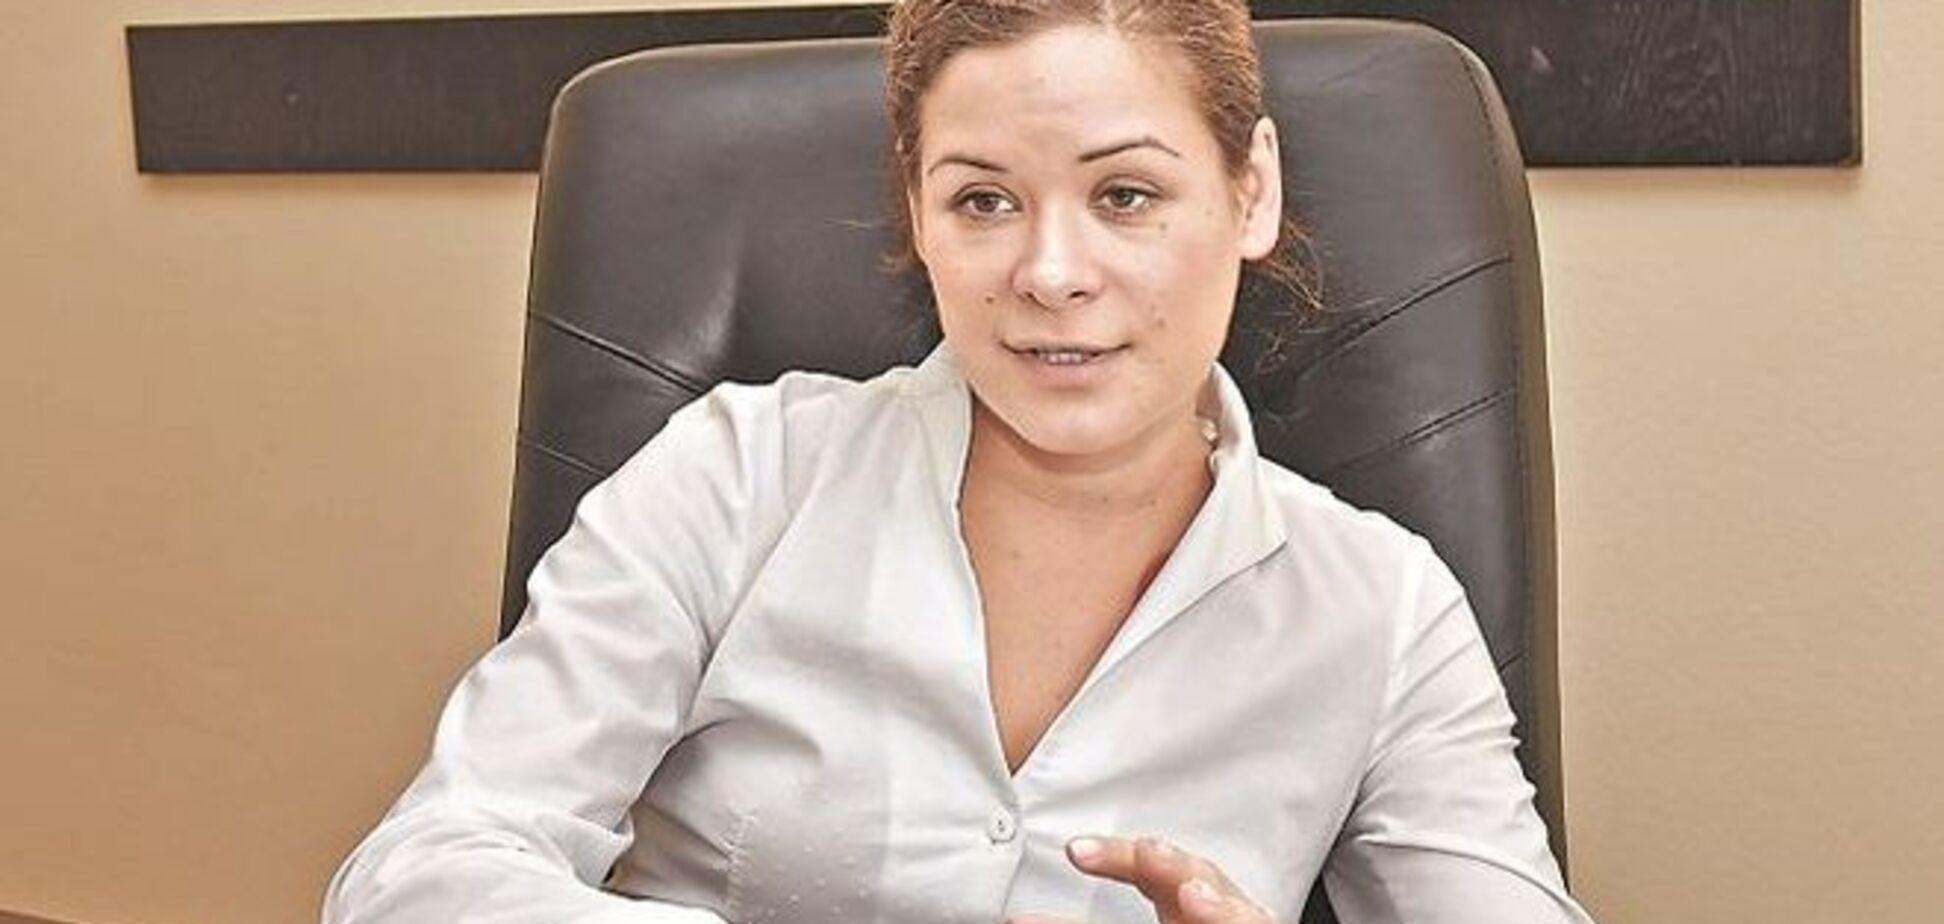 Гайдар рассказала, как познакомилась с Саакашвили и почему считала его 'отвратным'